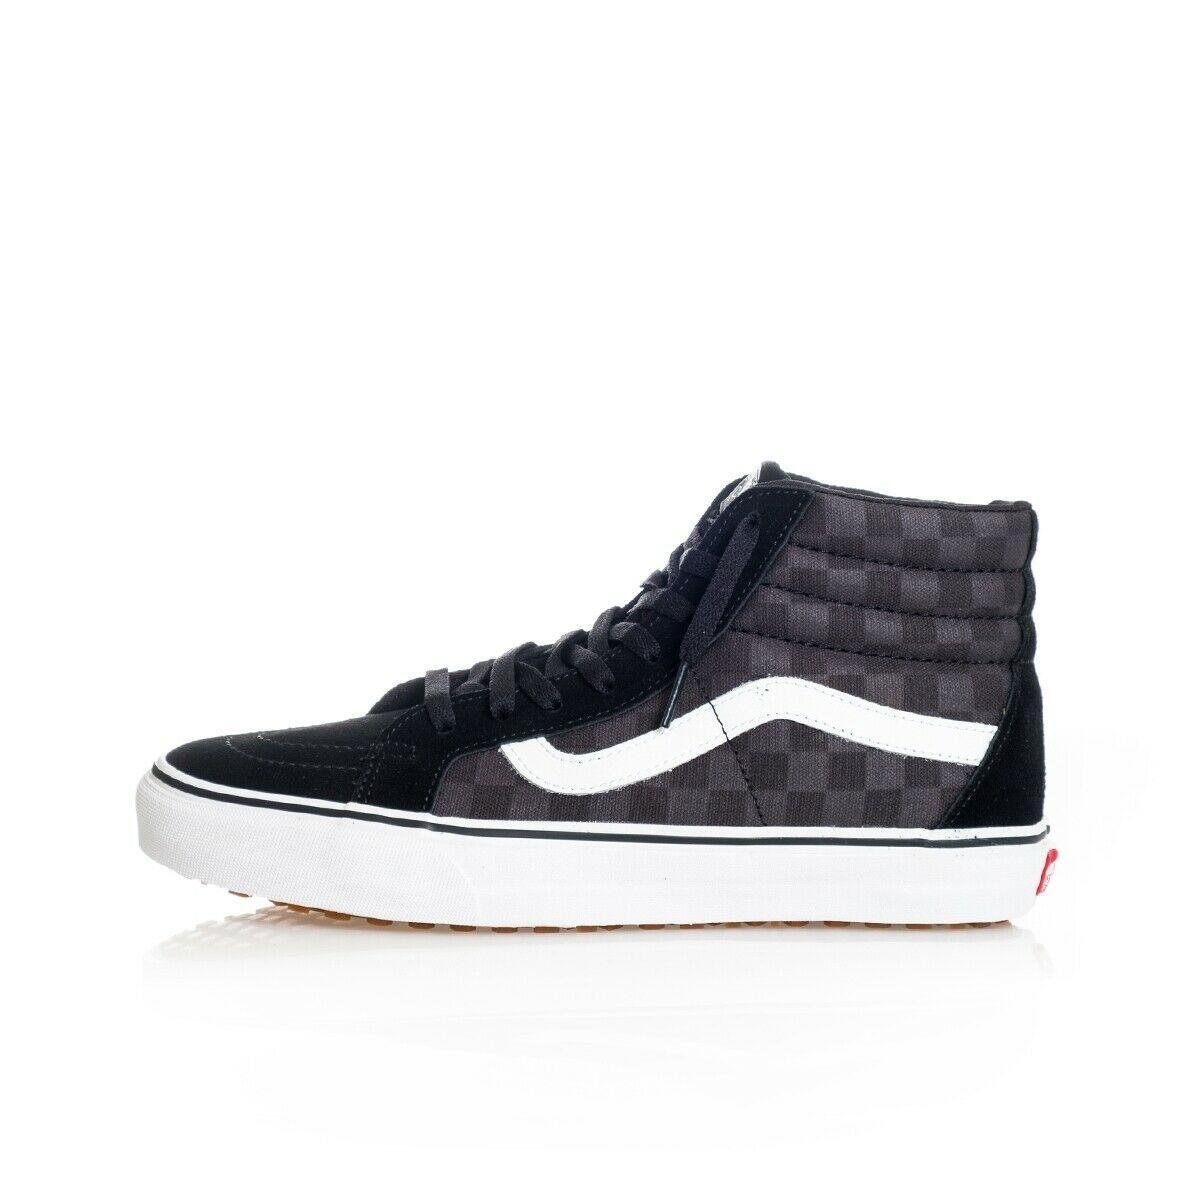 Vans Sk8 Hi Sneaker: 59 listings